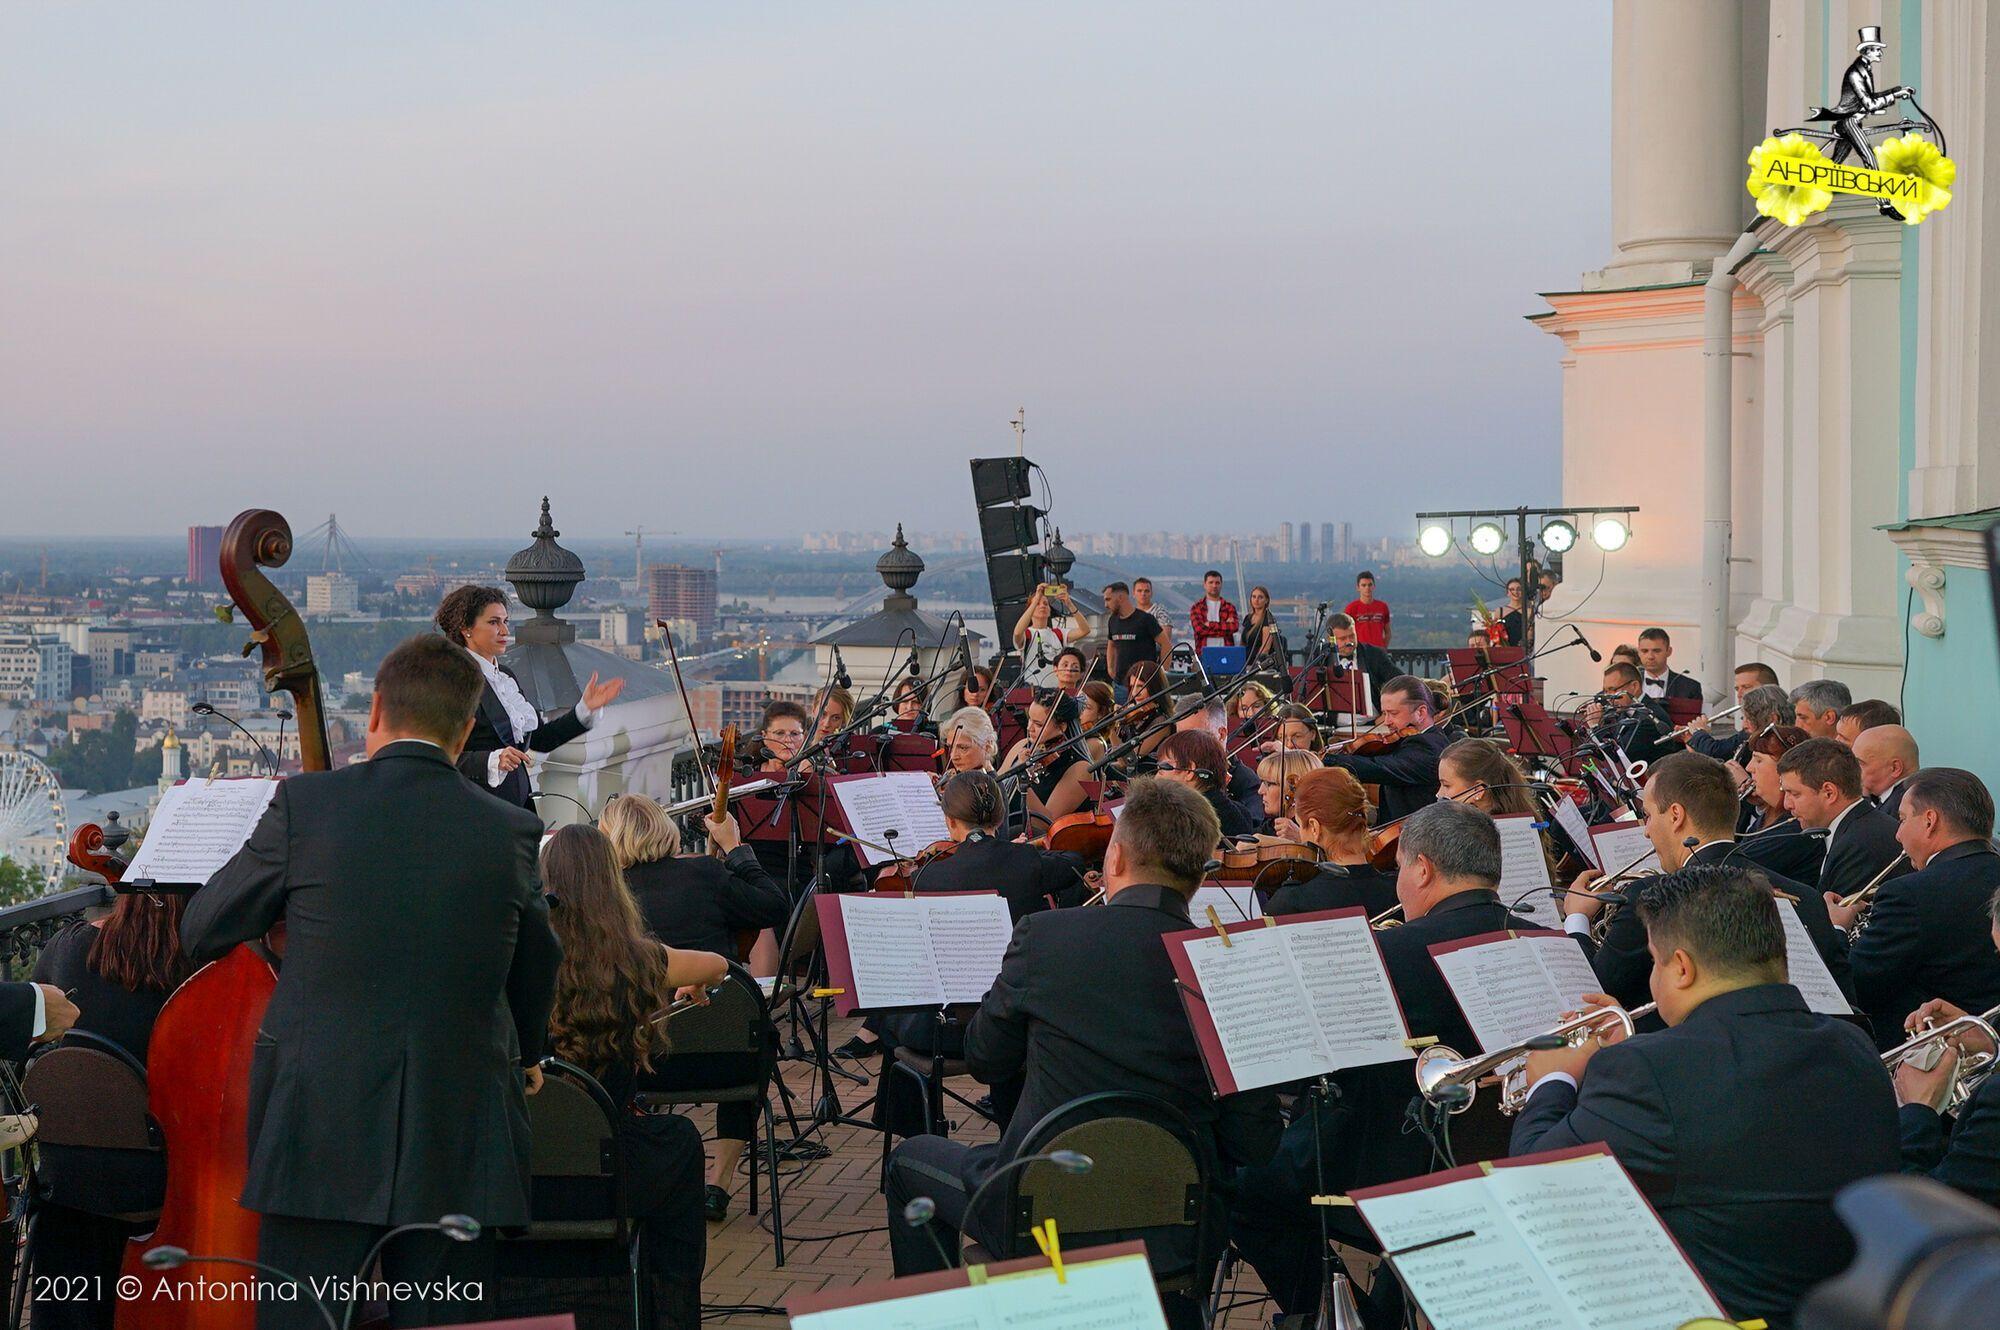 На заході пройшов концерт оркестру із 50 музикантів Київського академічного Театру оперети на балконі Андріївської церкви